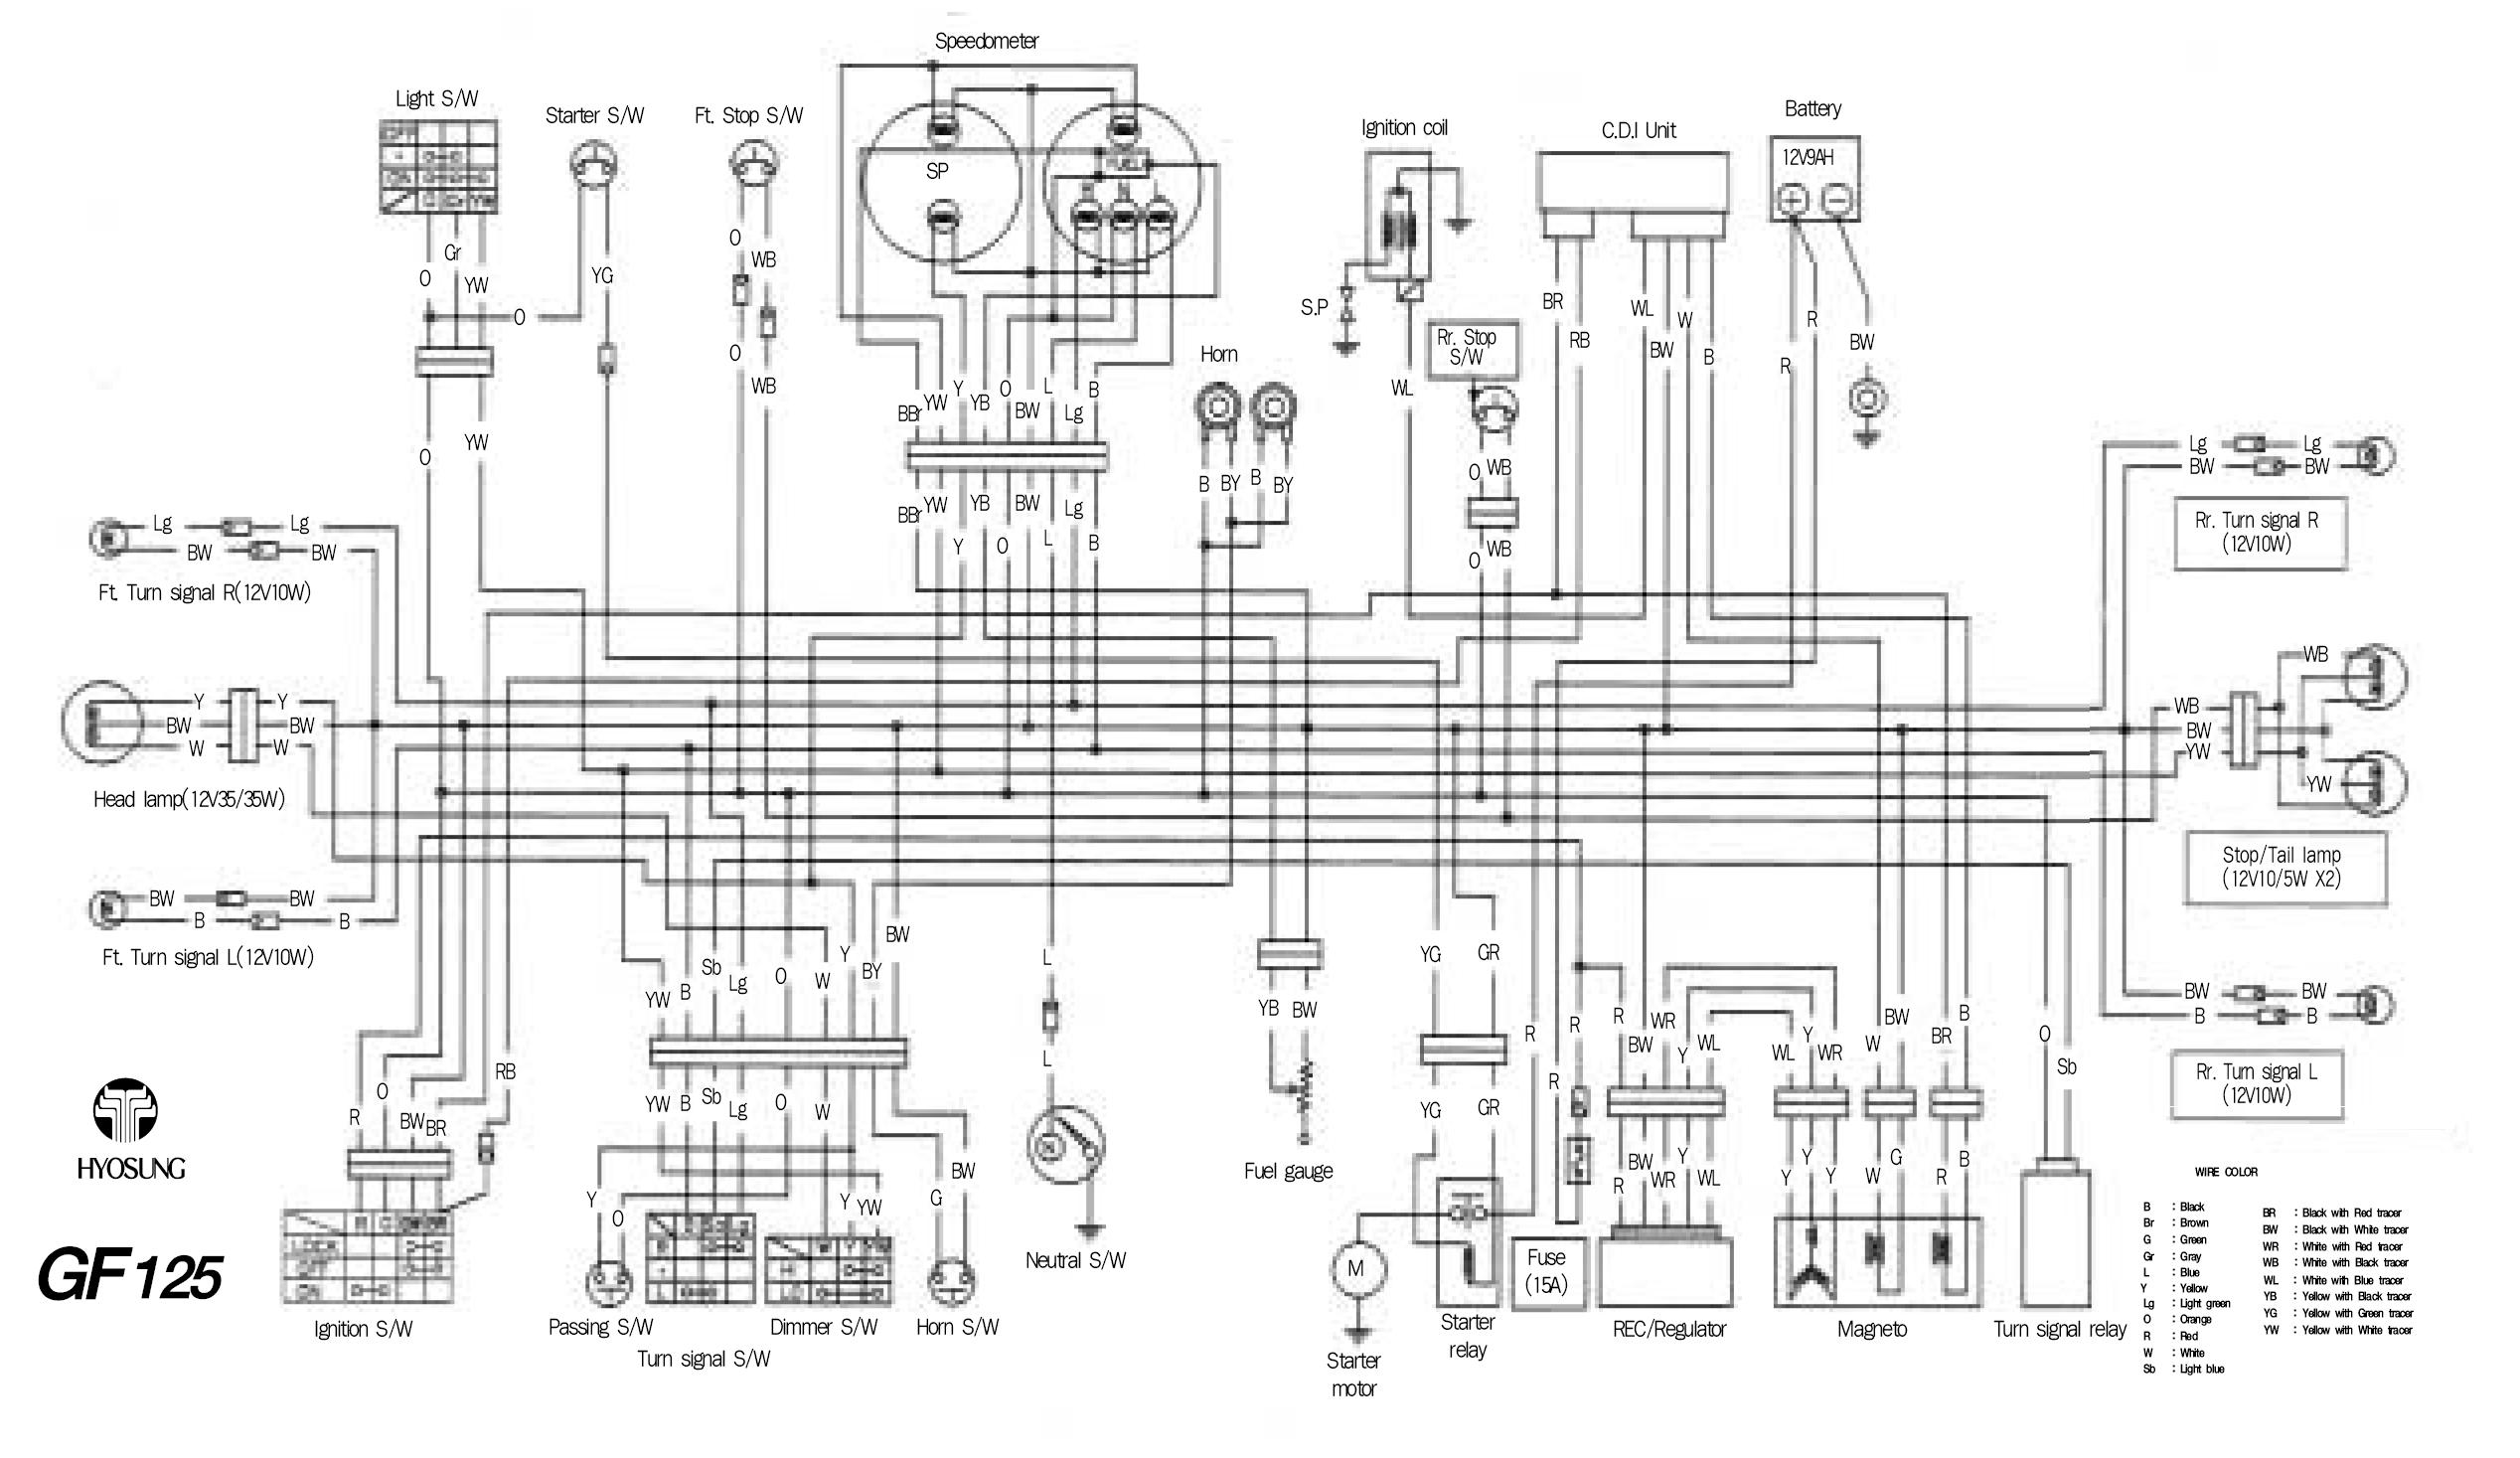 Схема электрооборудования мотоциклов Hyosung GF 125